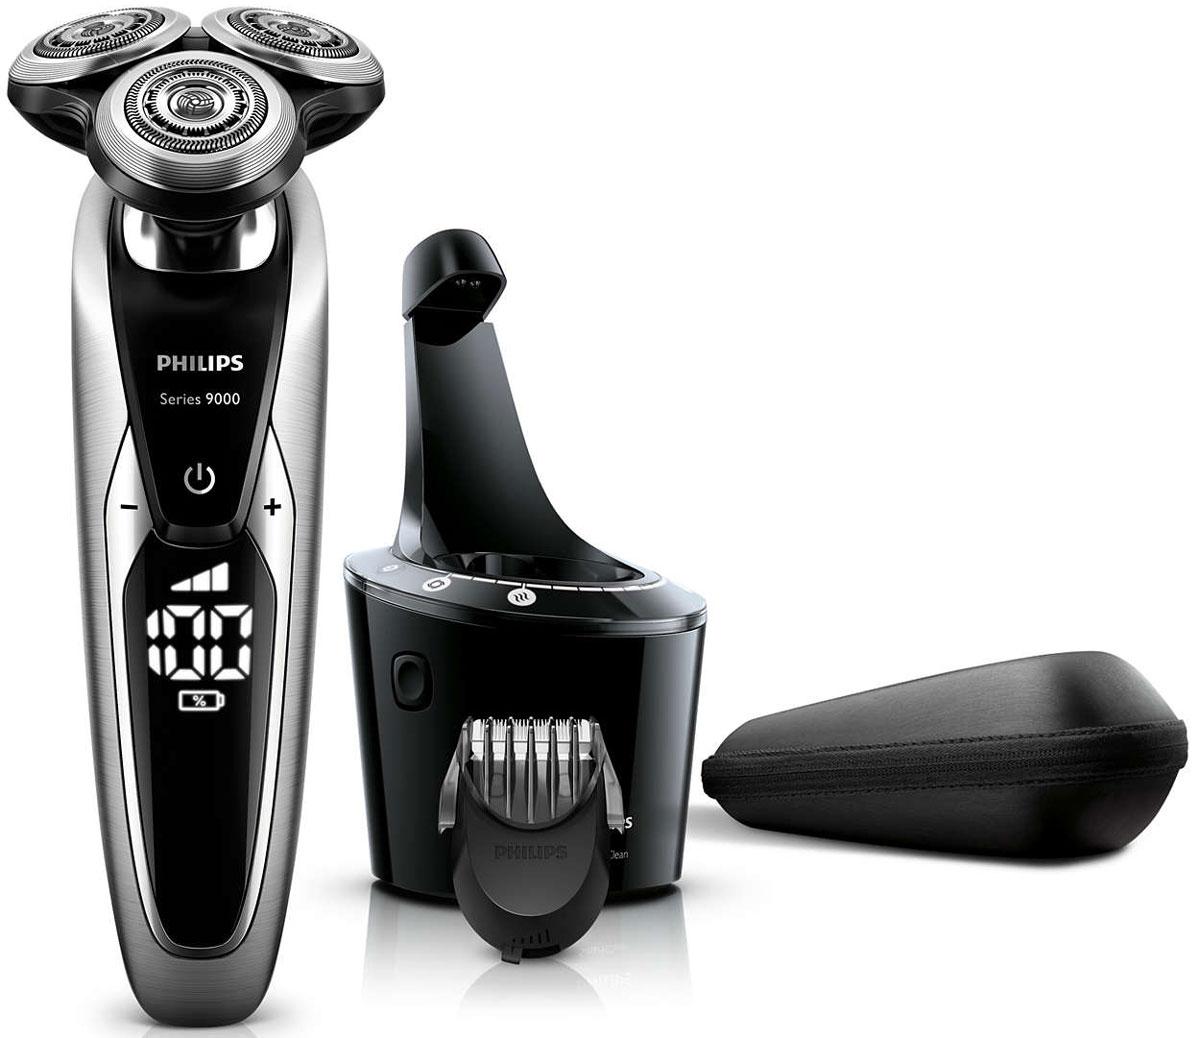 Philips S9711/31 электробритваS9711/31Запатентованные лезвия V-Track Precision электробритвы Philips S9711/31 аккуратно захватывают и направляют волоски любой длины, а также волоски, прилегающие к коже. Обеспечивает на 30 % более гладкое и быстрое бритье, чтобы ваша кожа всегда выглядела безупречно. Новые гибкие головки вращаются в 8 направлениях, максимально точно повторяя контуры лица и требуя меньше усилий при каждом движении. Головки, двигающиеся независимо от бритвенного элемента, захватывают на 20 % больше волосков и обеспечивают более чистое бритье при меньшем количестве движений.Встроенная система двойных лезвий электрической бритвы Philips S9711/31 приподнимает волоски, сбривая их максимально близко к поверхности кожи, что обеспечивает более чистое бритье. Настройки для комфортного бритья позволяют задать ваши личные предпочтения. Вы можете выбрать один из 3 режимов: бережный для аккуратного и тщательного бритья чувствительной кожи, обычный для тщательного бритья изо дня в день и быстрый, который позволит вам максимально сократить время процедурыУплотнение AquaTec электробритвы позволяет выбирать наиболее комфортный способ бритья: сухое бритье или освежающее влажное бритье с использованием геля или пены для бритья. SmartClean PRO позволяет очищать, смазывать, сушить и заряжать бритву одним нажатием кнопки, что обеспечивает ее оптимальную работу день за днем. Улучшенный пользовательский интерфейс отображает каждый этап цикла SmartClean.Безопасная насадка-стайлер для бороды позволяет создавать самые разнообразные стили: от трехдневной щетины (0,5 мм) до короткой бороды (5 мм). Закругленные края и регулируемый гребень предотвращают раздражение кожи. На интуитивно понятном дисплее Philips S9711/31 отображается вся необходимая информация, что позволяет в полной мере использовать все возможности вашей бритвы: трехуровневый цифровой индикатор аккумулятора (%), индикатор очистки, индикатор низкого заряда аккумулятора, индикатор сменной головки, индикатор дорожной б